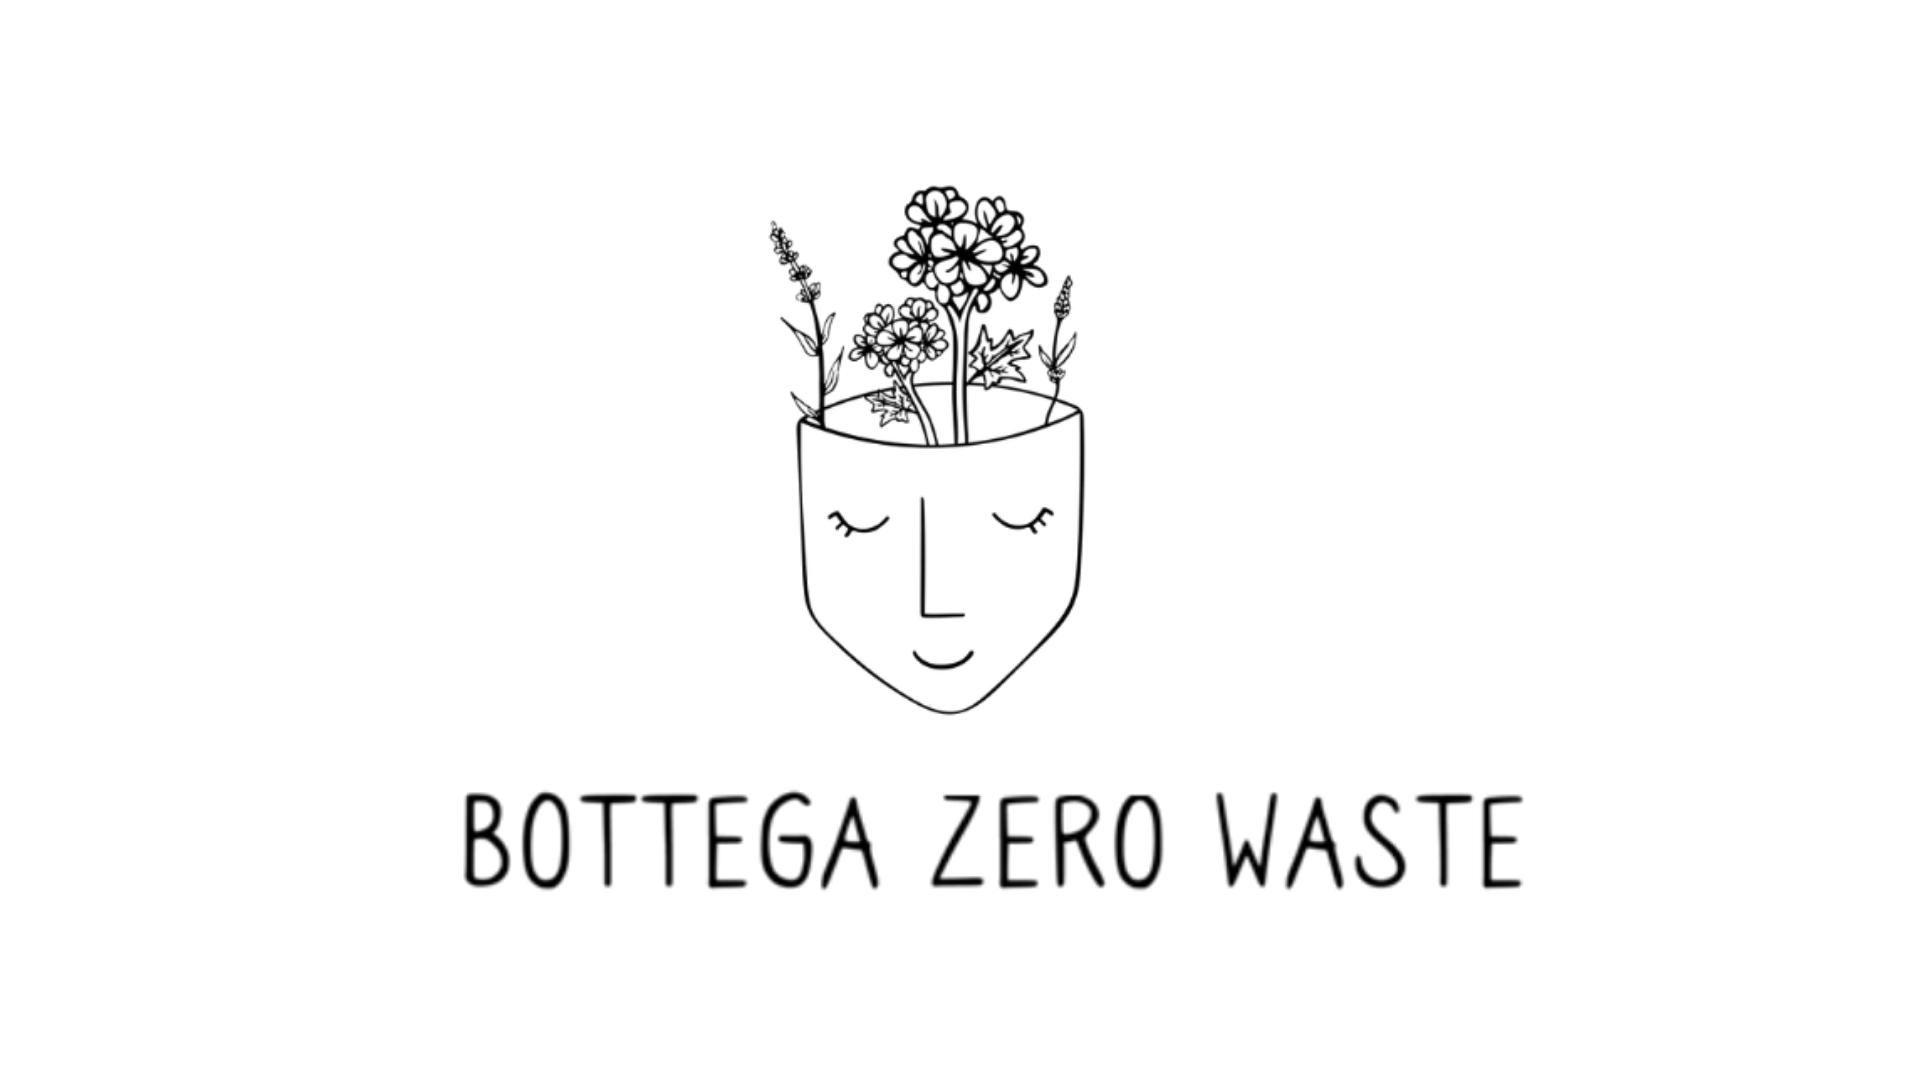 Bottega Zero Waste